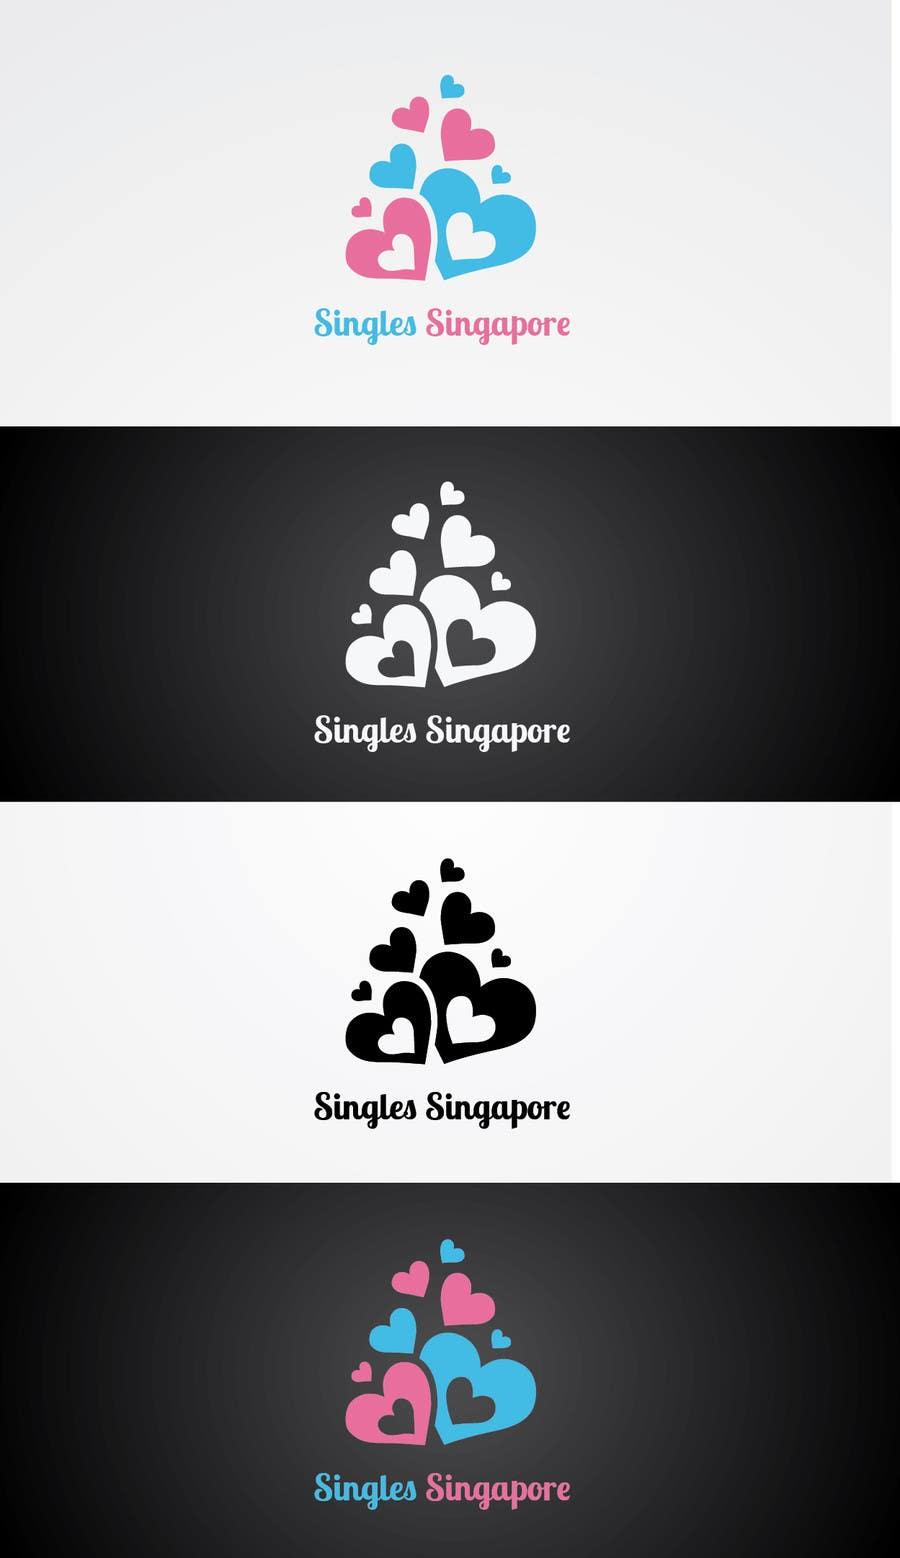 Inscrição nº 52 do Concurso para Design a Logo for Online Dating Website